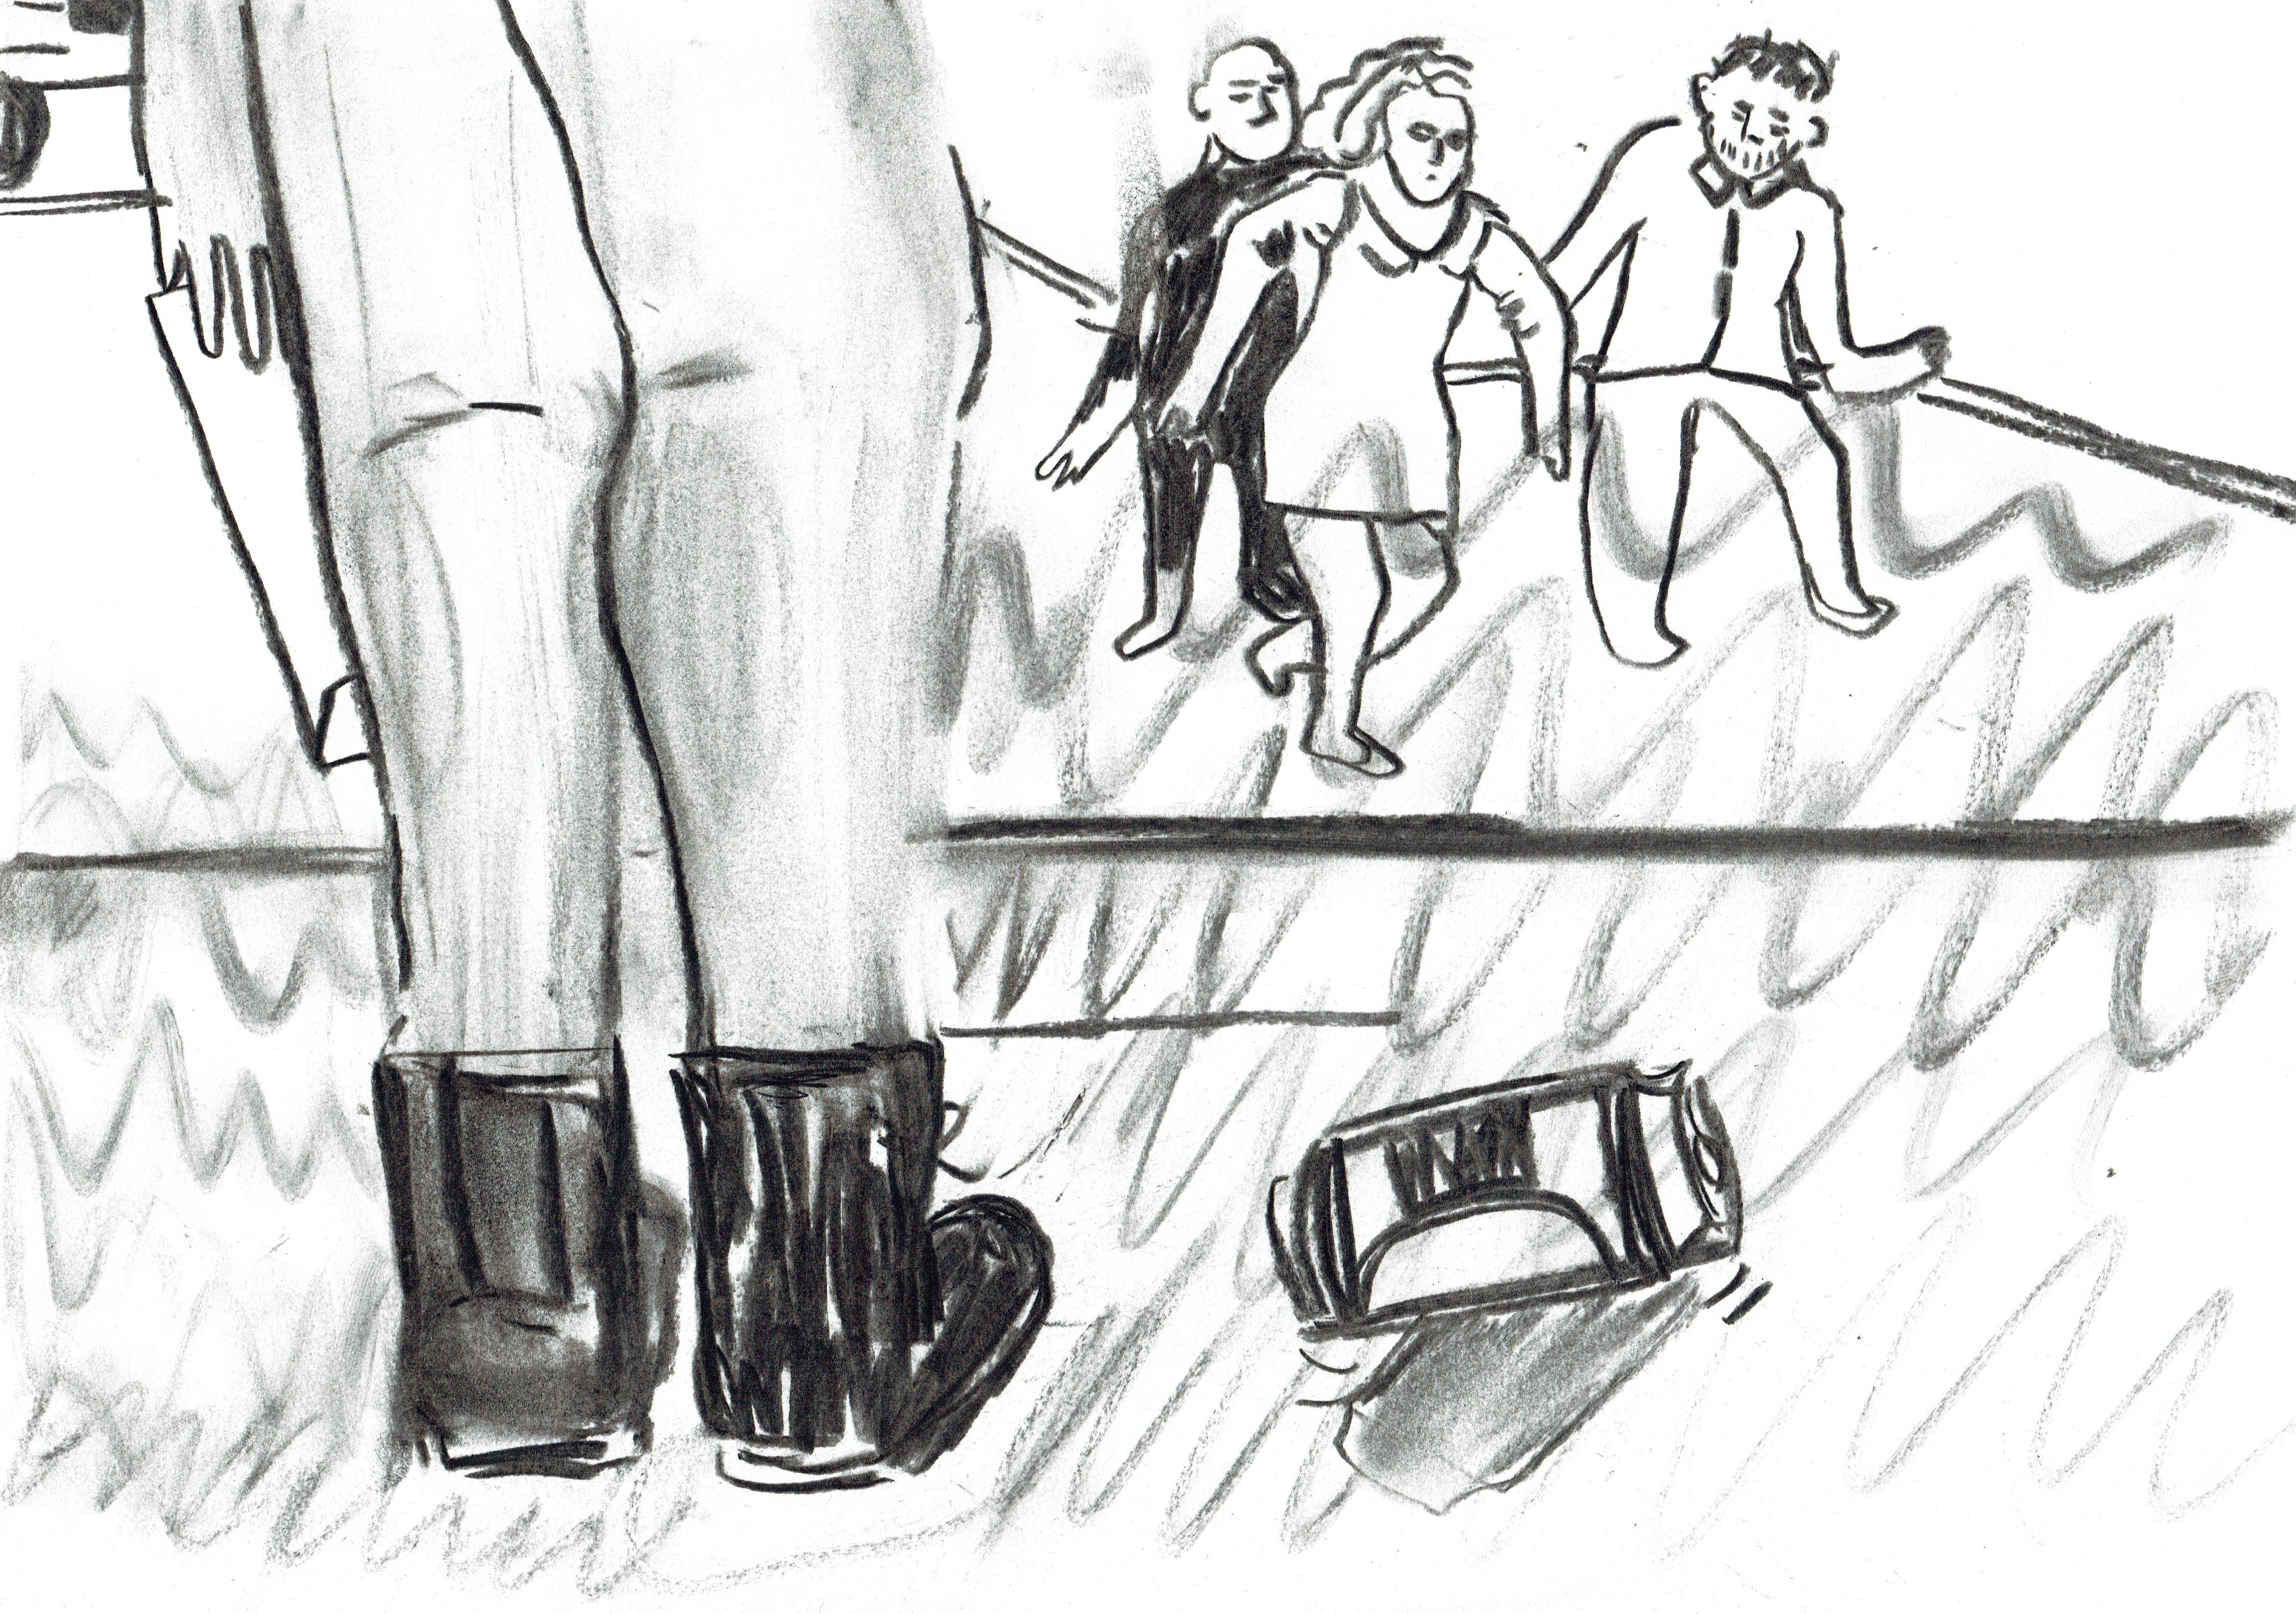 sur fond blanc, des traits noirs et gris, épais, désordonnés. Au premier plan, deux jambes en leggins ou jeans serrés gris, des bottes de rangers aux pied. La main gauche pend le long de la jambe gauche, elle tient une enveloppe. On ne voit pas le haut du corps, qui sort de l'image. A droite, au pied des rangers, une canette. Dans le fond, au-dessus de la canette, au loin : deux hommes tiennent une femme chacun par un bras.